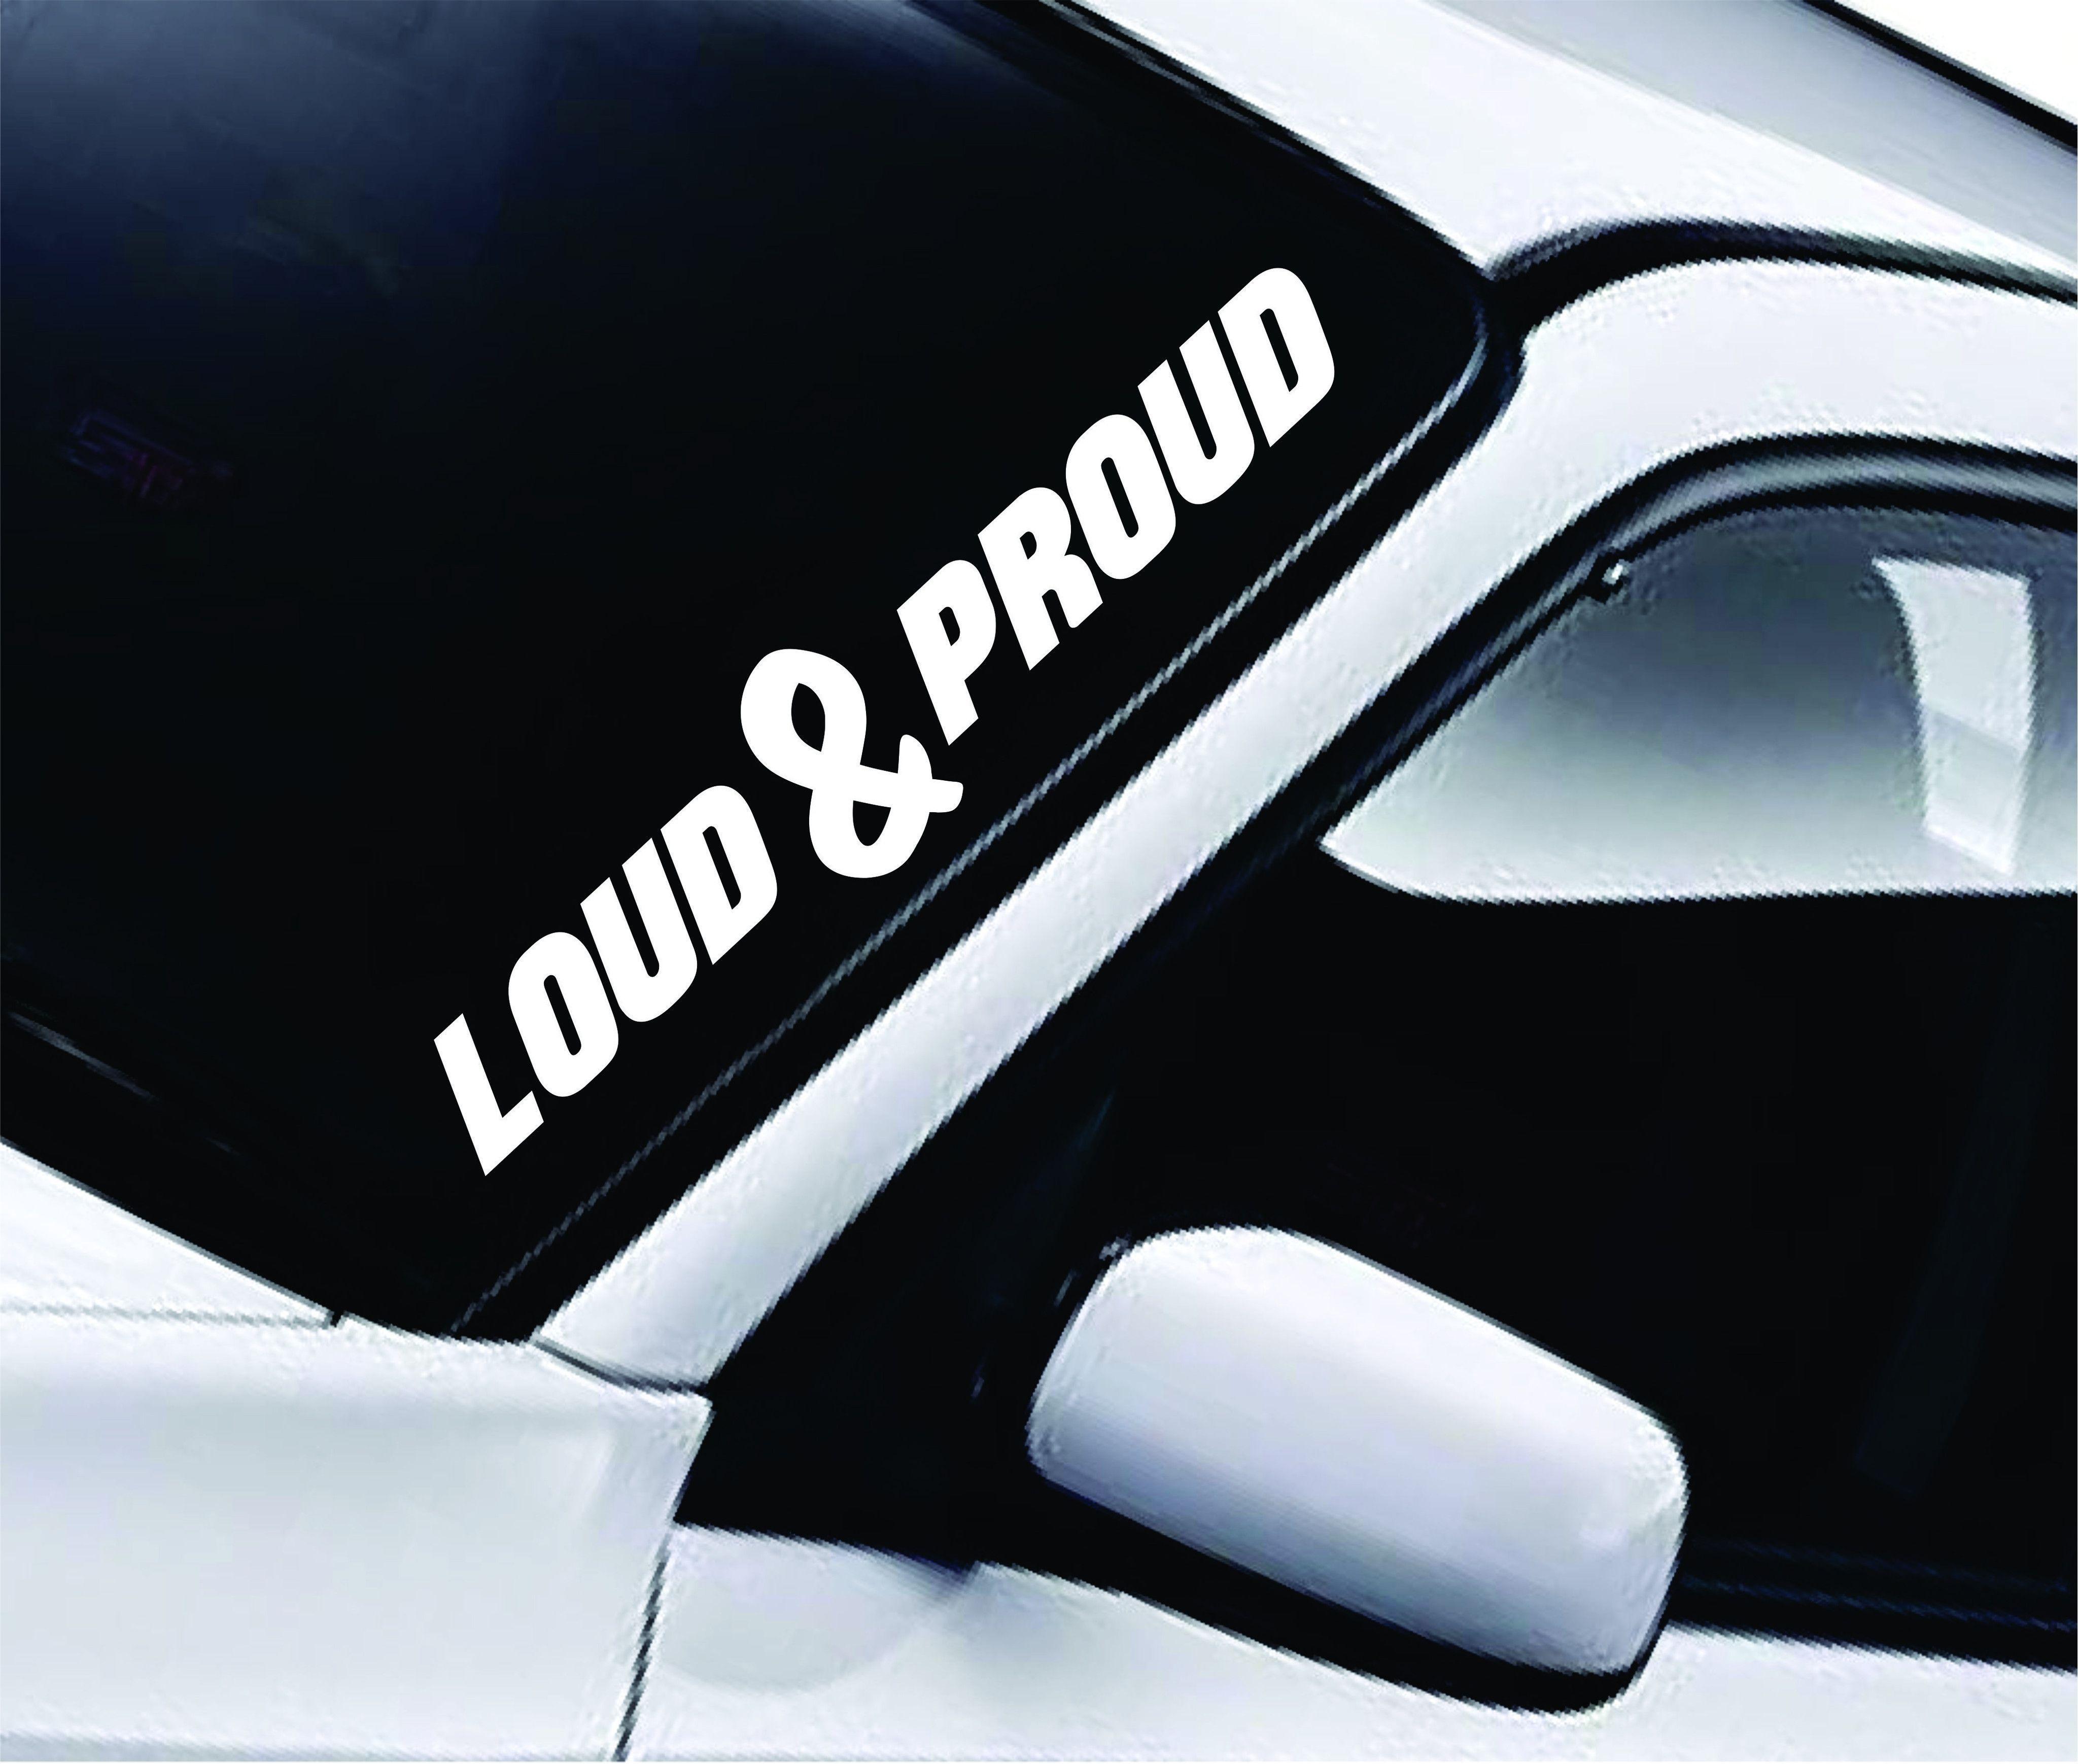 Loud mouth milf slammed in the minivan